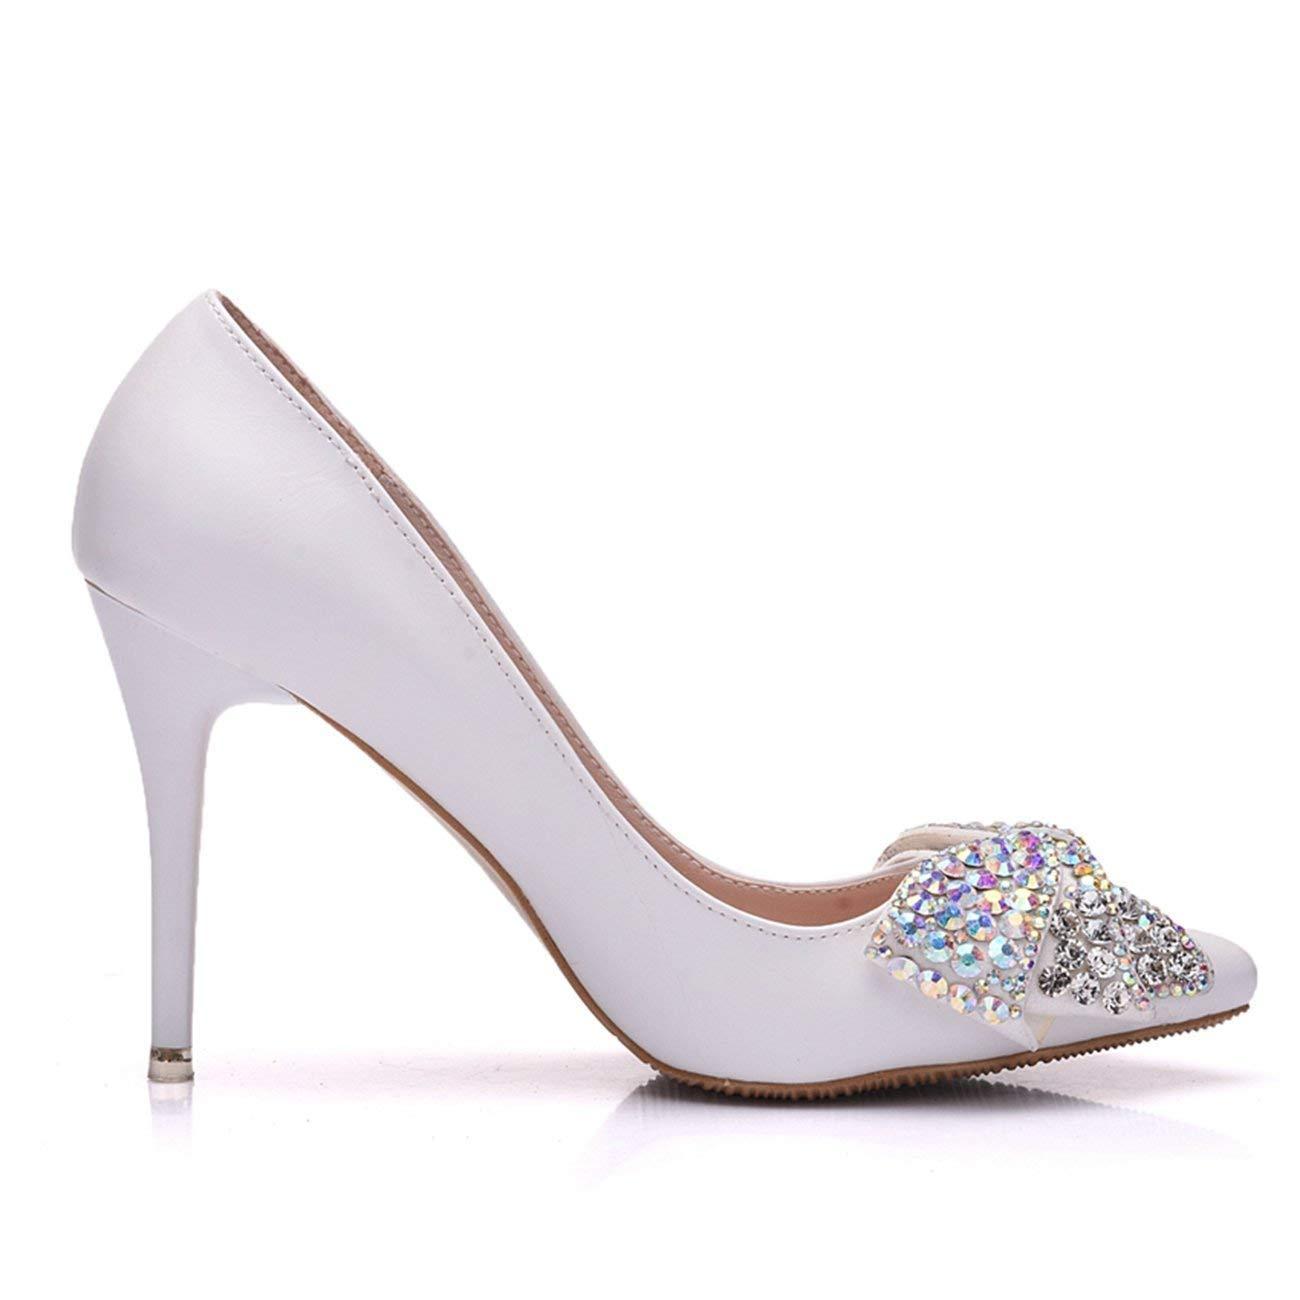 Fuxitoggo Damen Bow Pailletten Slip-on Hochzeit Formale  Party Schuhe (Farbe   Formale Weiß-9cm Heel, Größe   4 UK) 0e9080